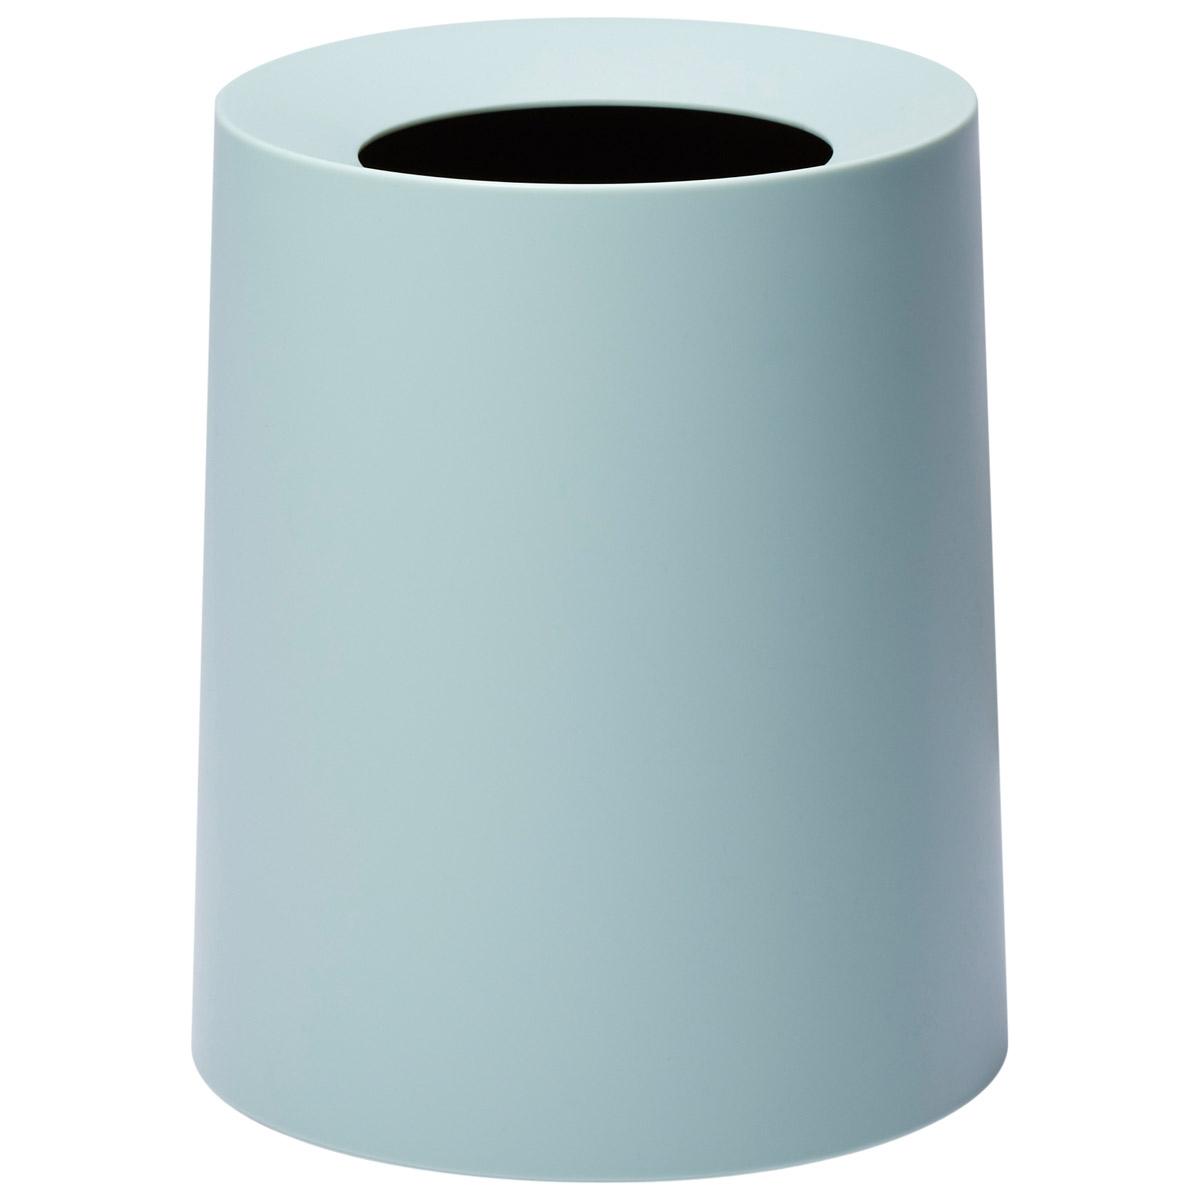 イデアコ ゴミ箱 チューブラーオム 11.4L ライトブルーの写真